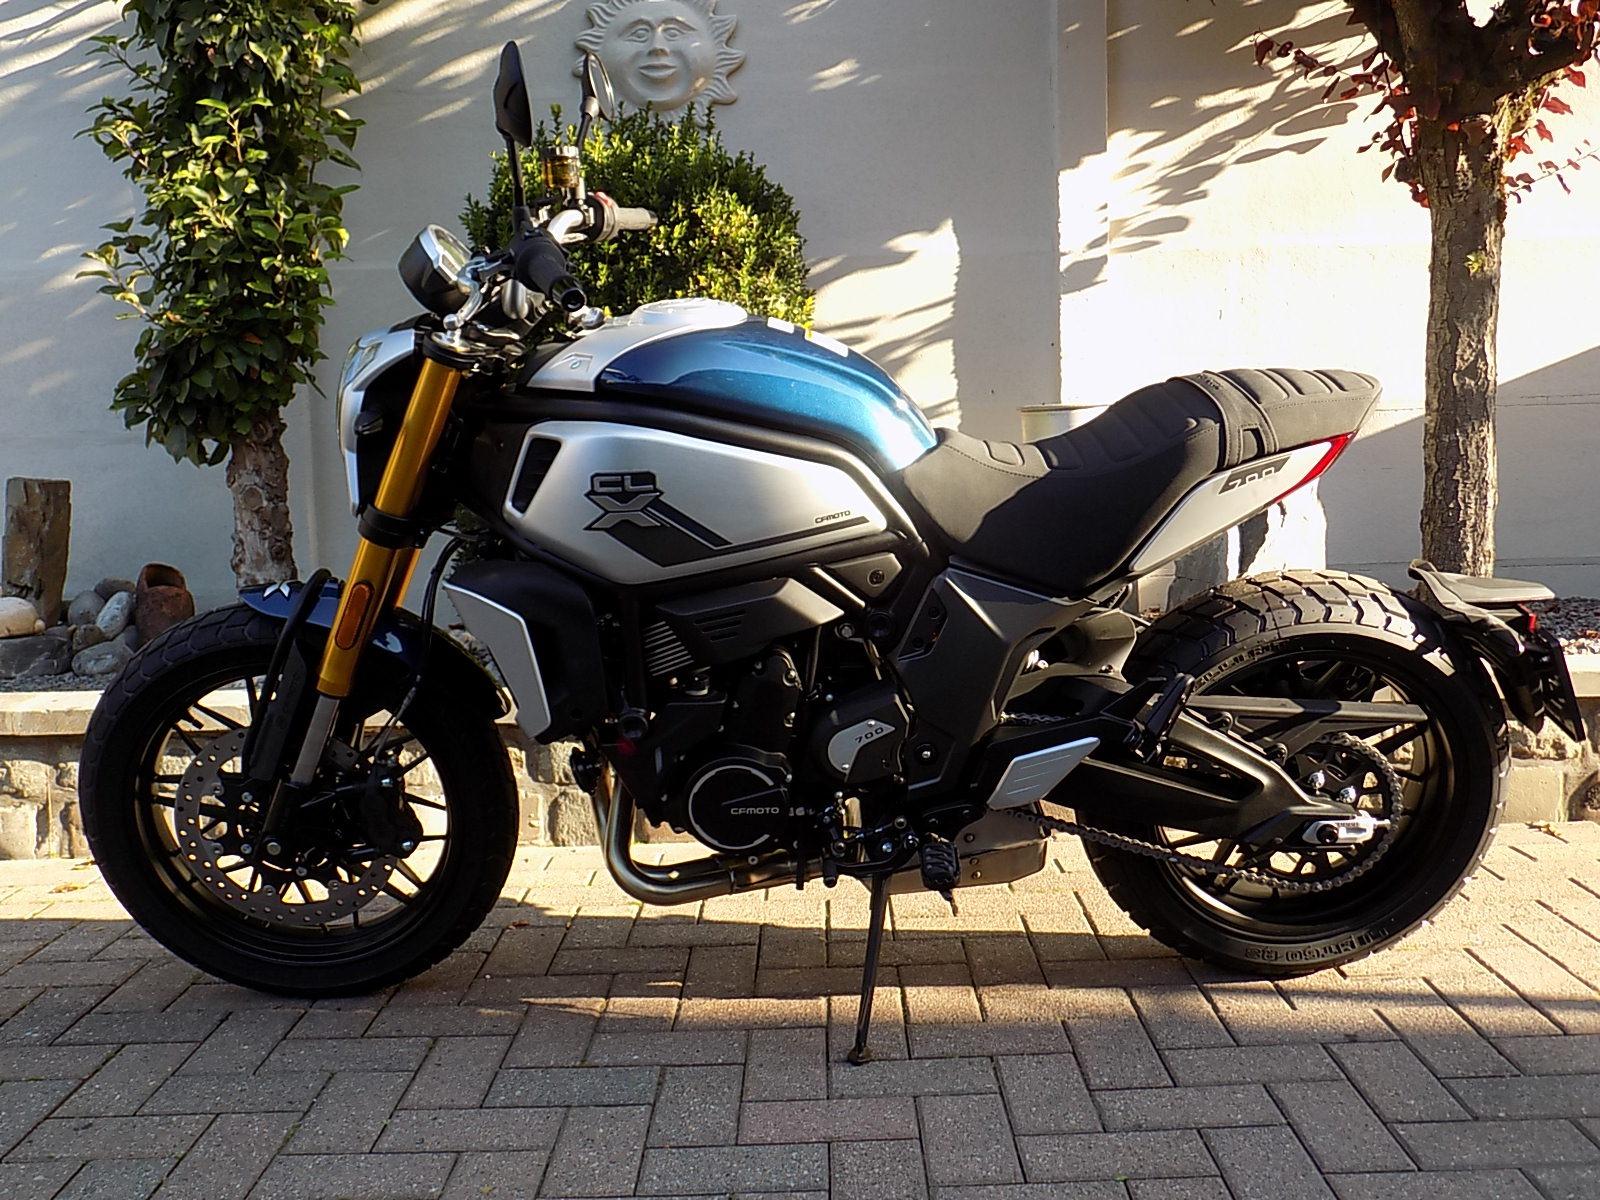 cf moto cl-x 700 (nieuw model)!!!